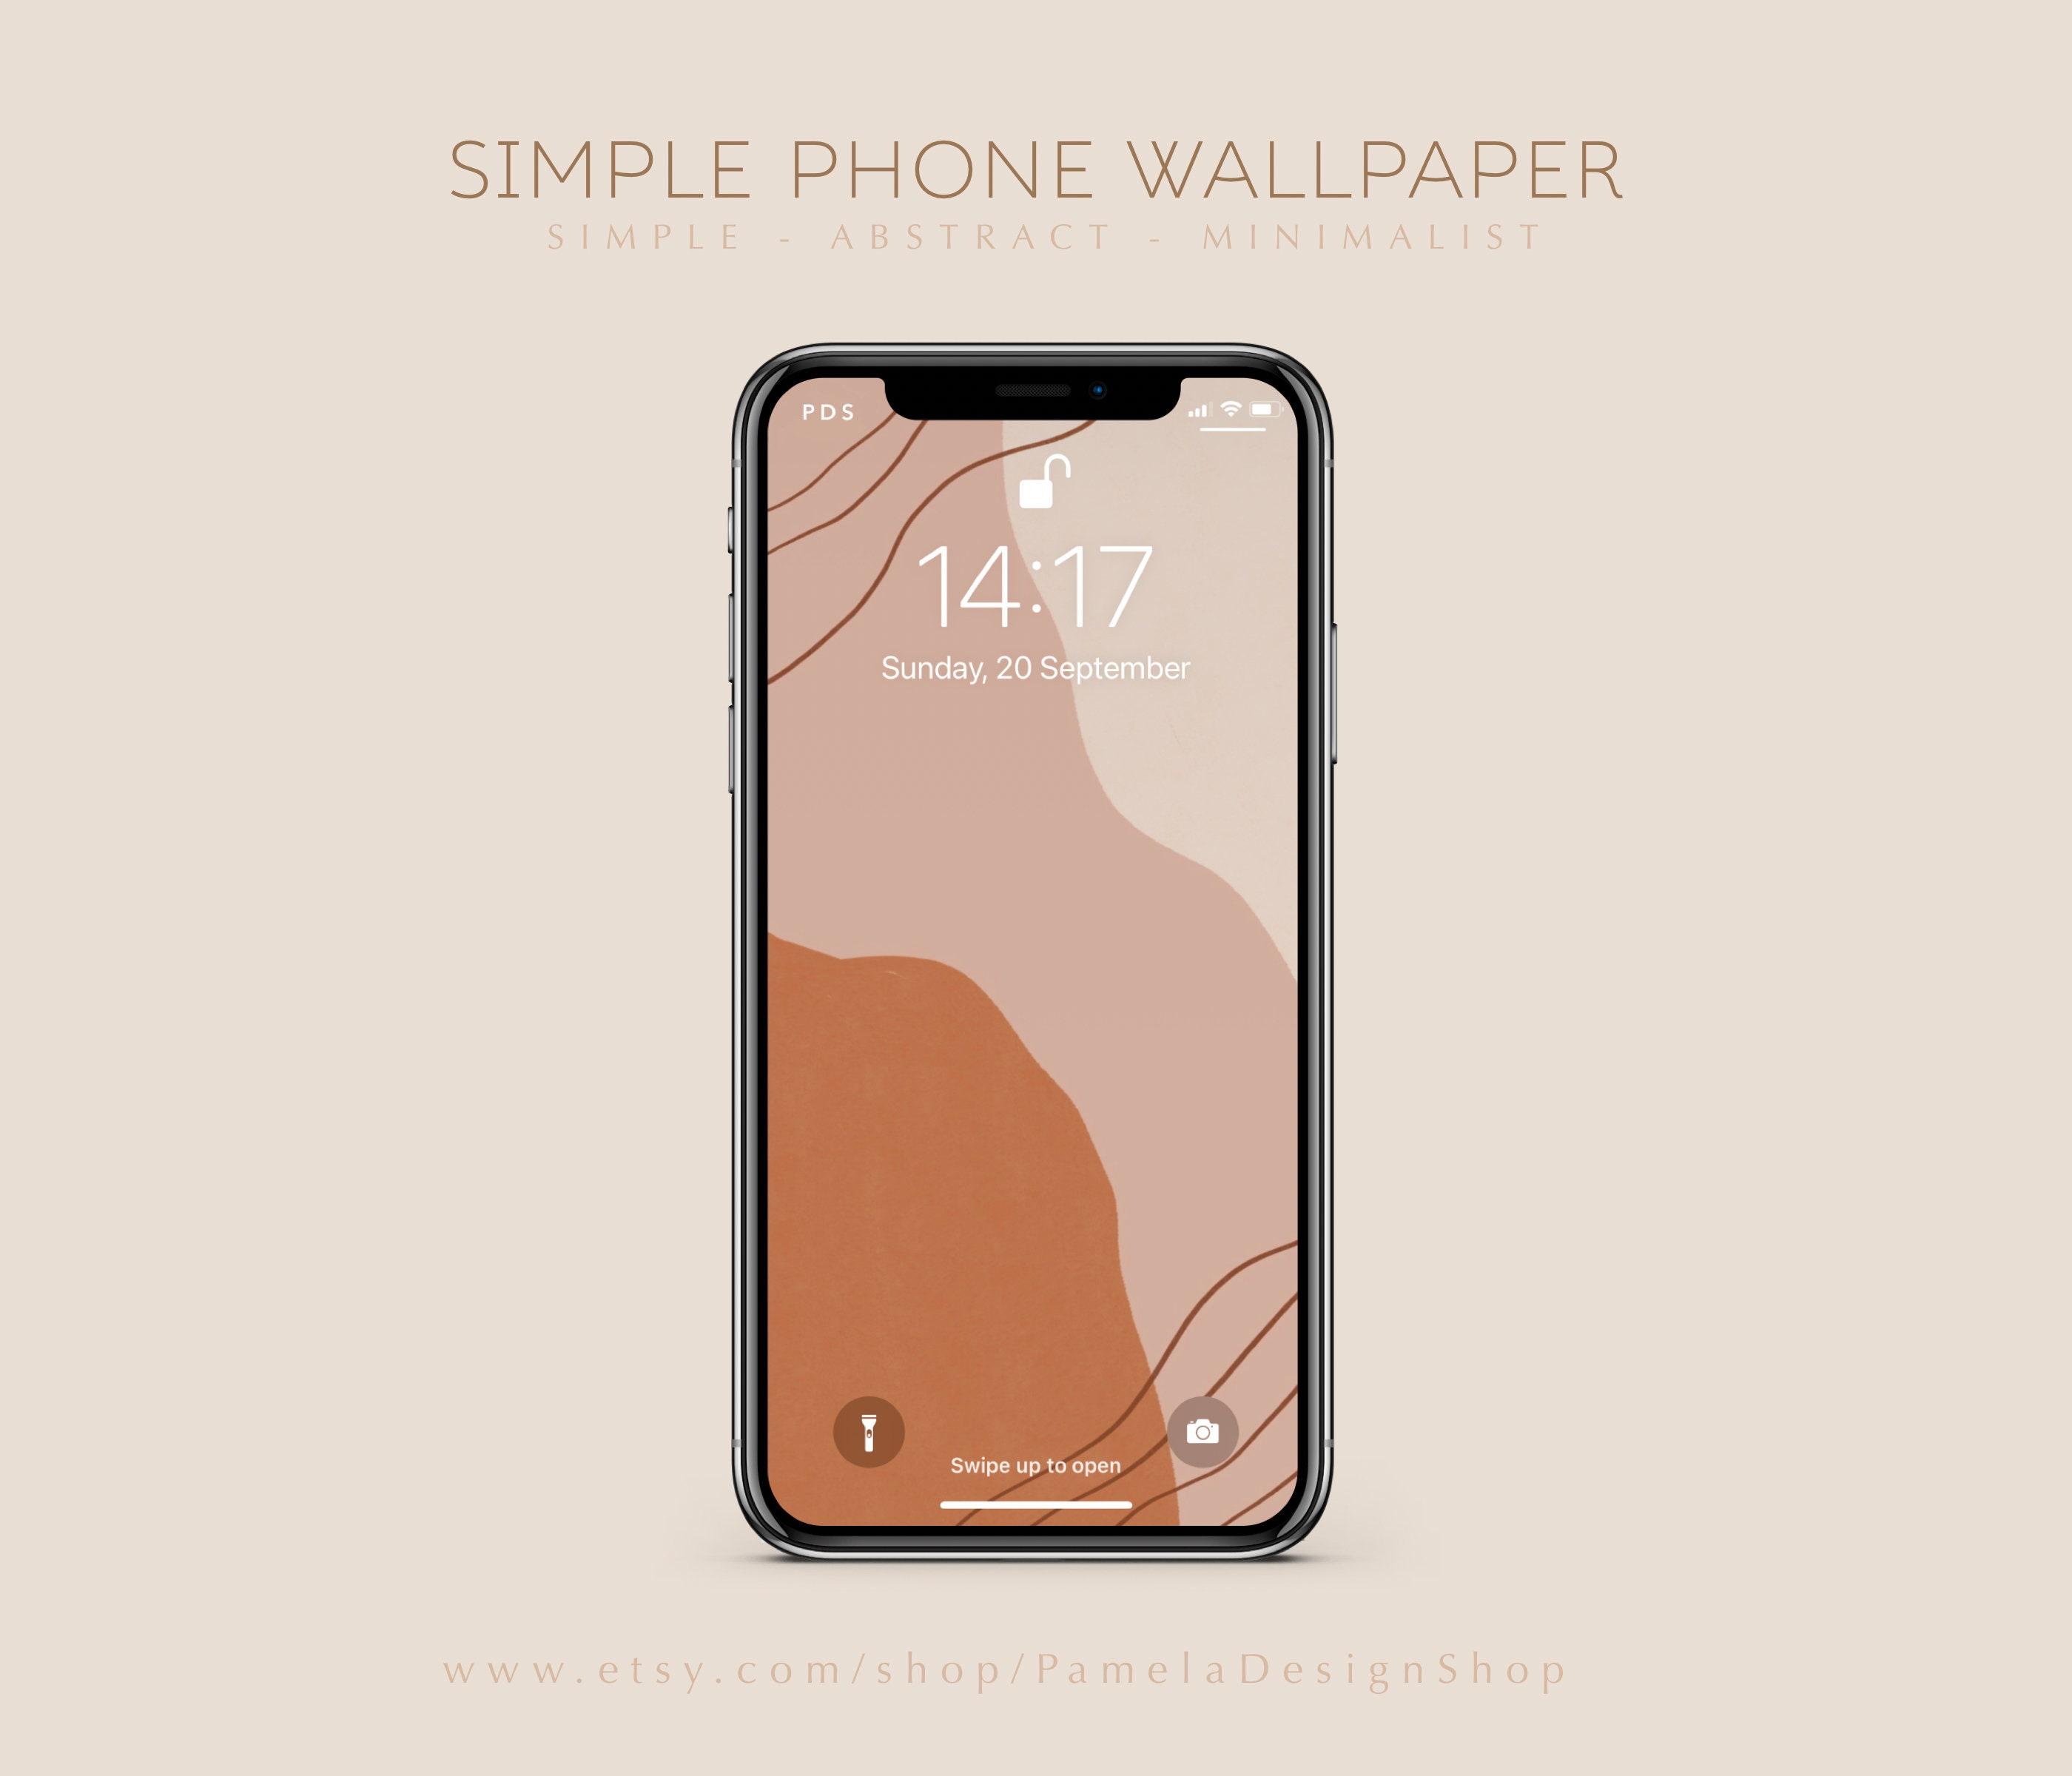 Einfache iPhone Wallpaper Design   modern und minimalistisch   Formen    Linien   Telefon Hintergrund sofortiger Download Ästhetische abstrakte Kunst